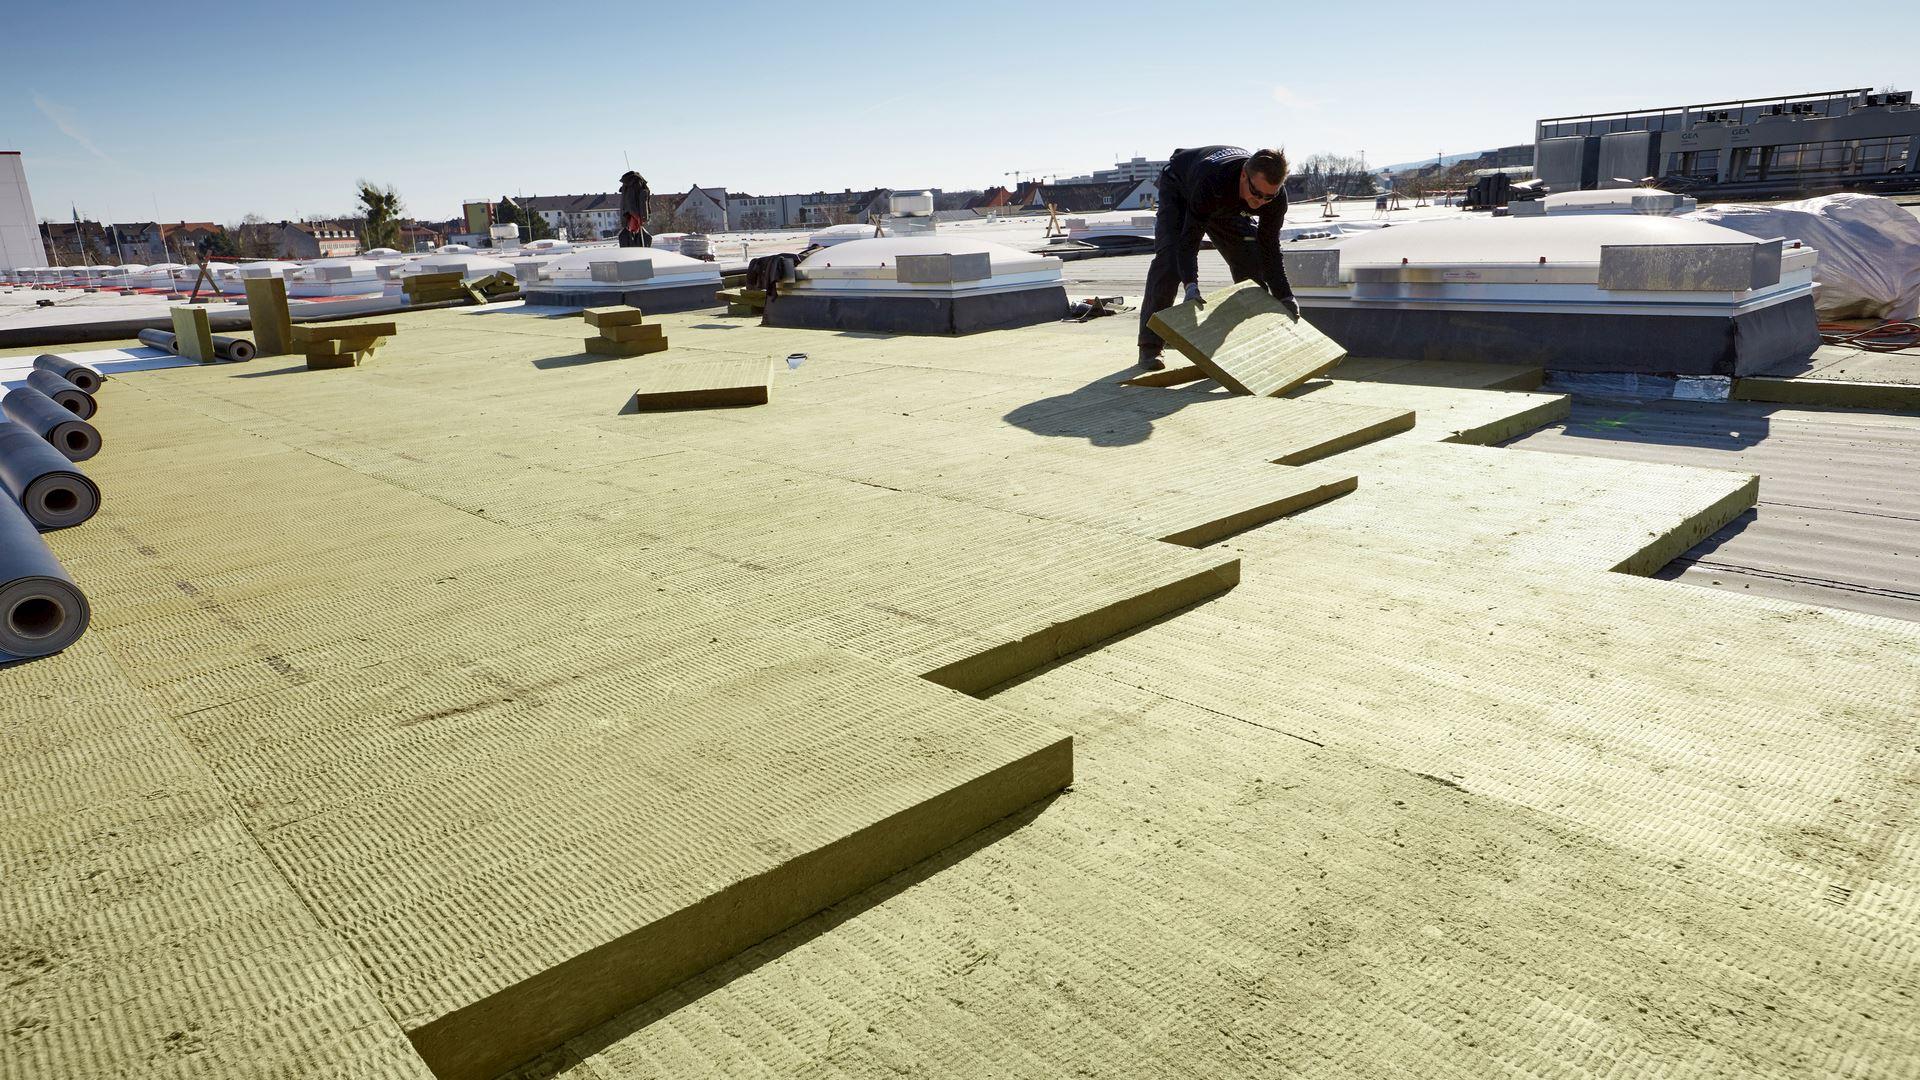 presse, georock 038, gefälledämmplatte, dach, flat roof, press, germany